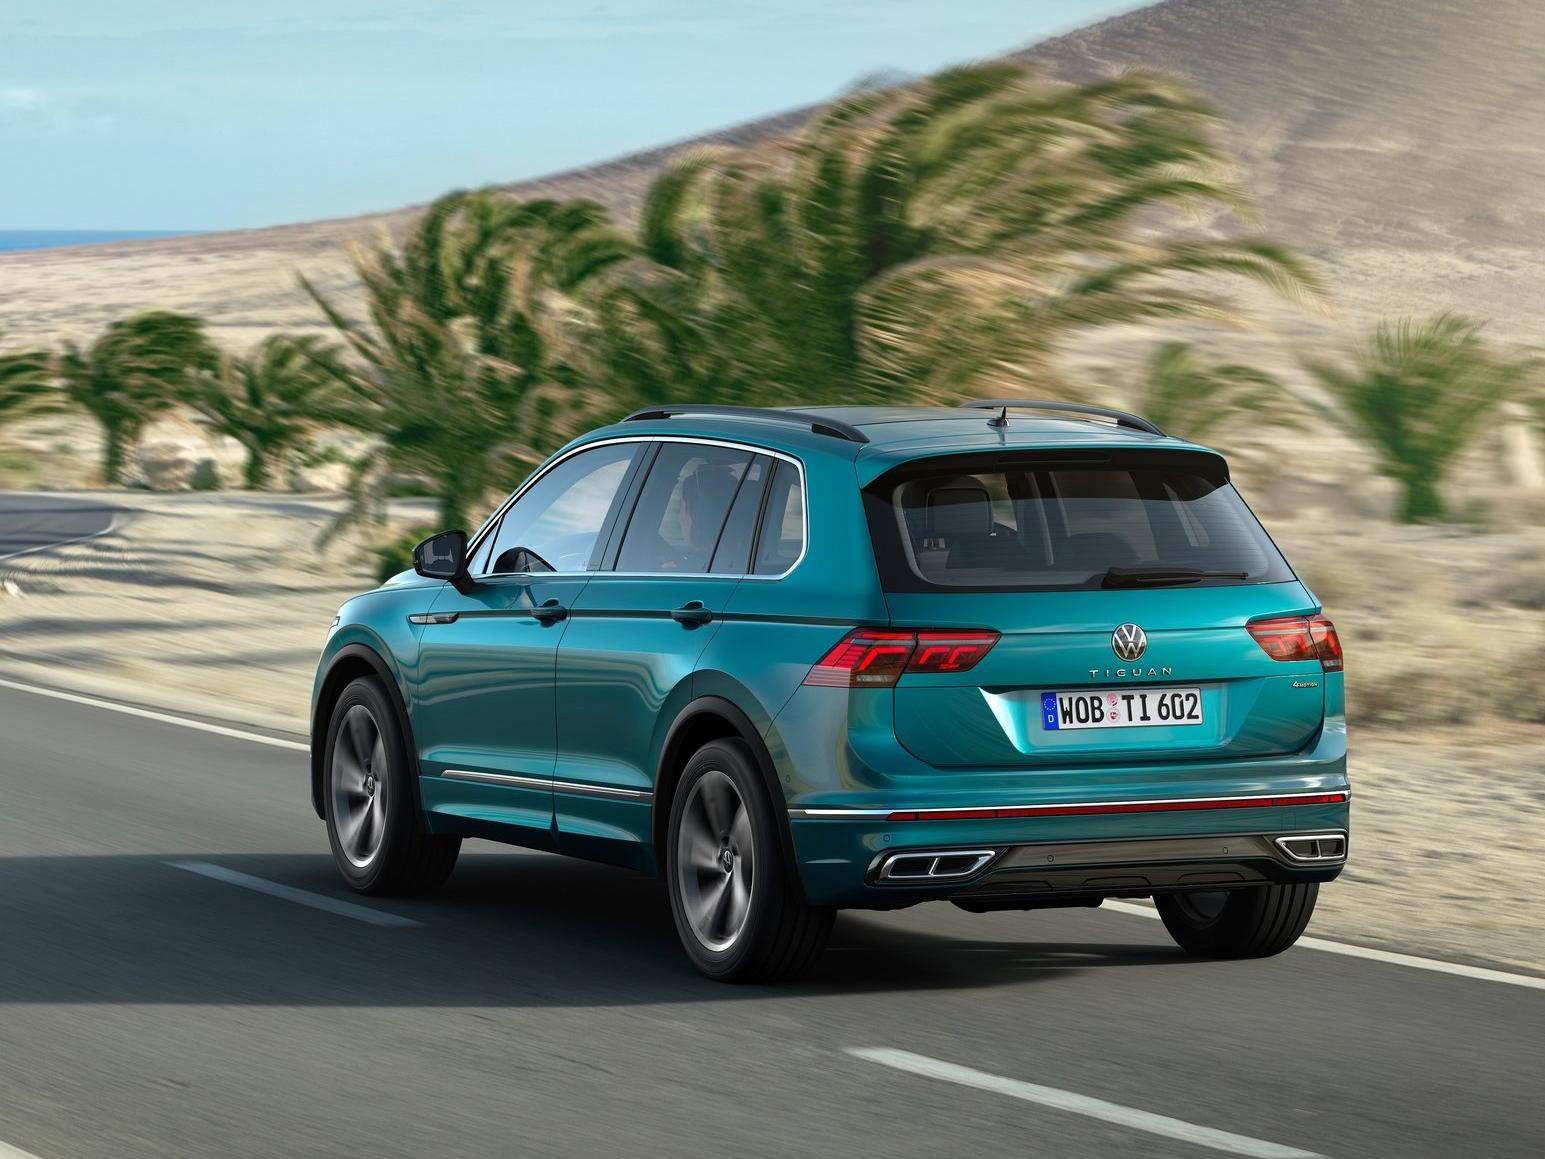 Galería Revista de coches, - Volkswagen Tiguan 2021 - Imagen